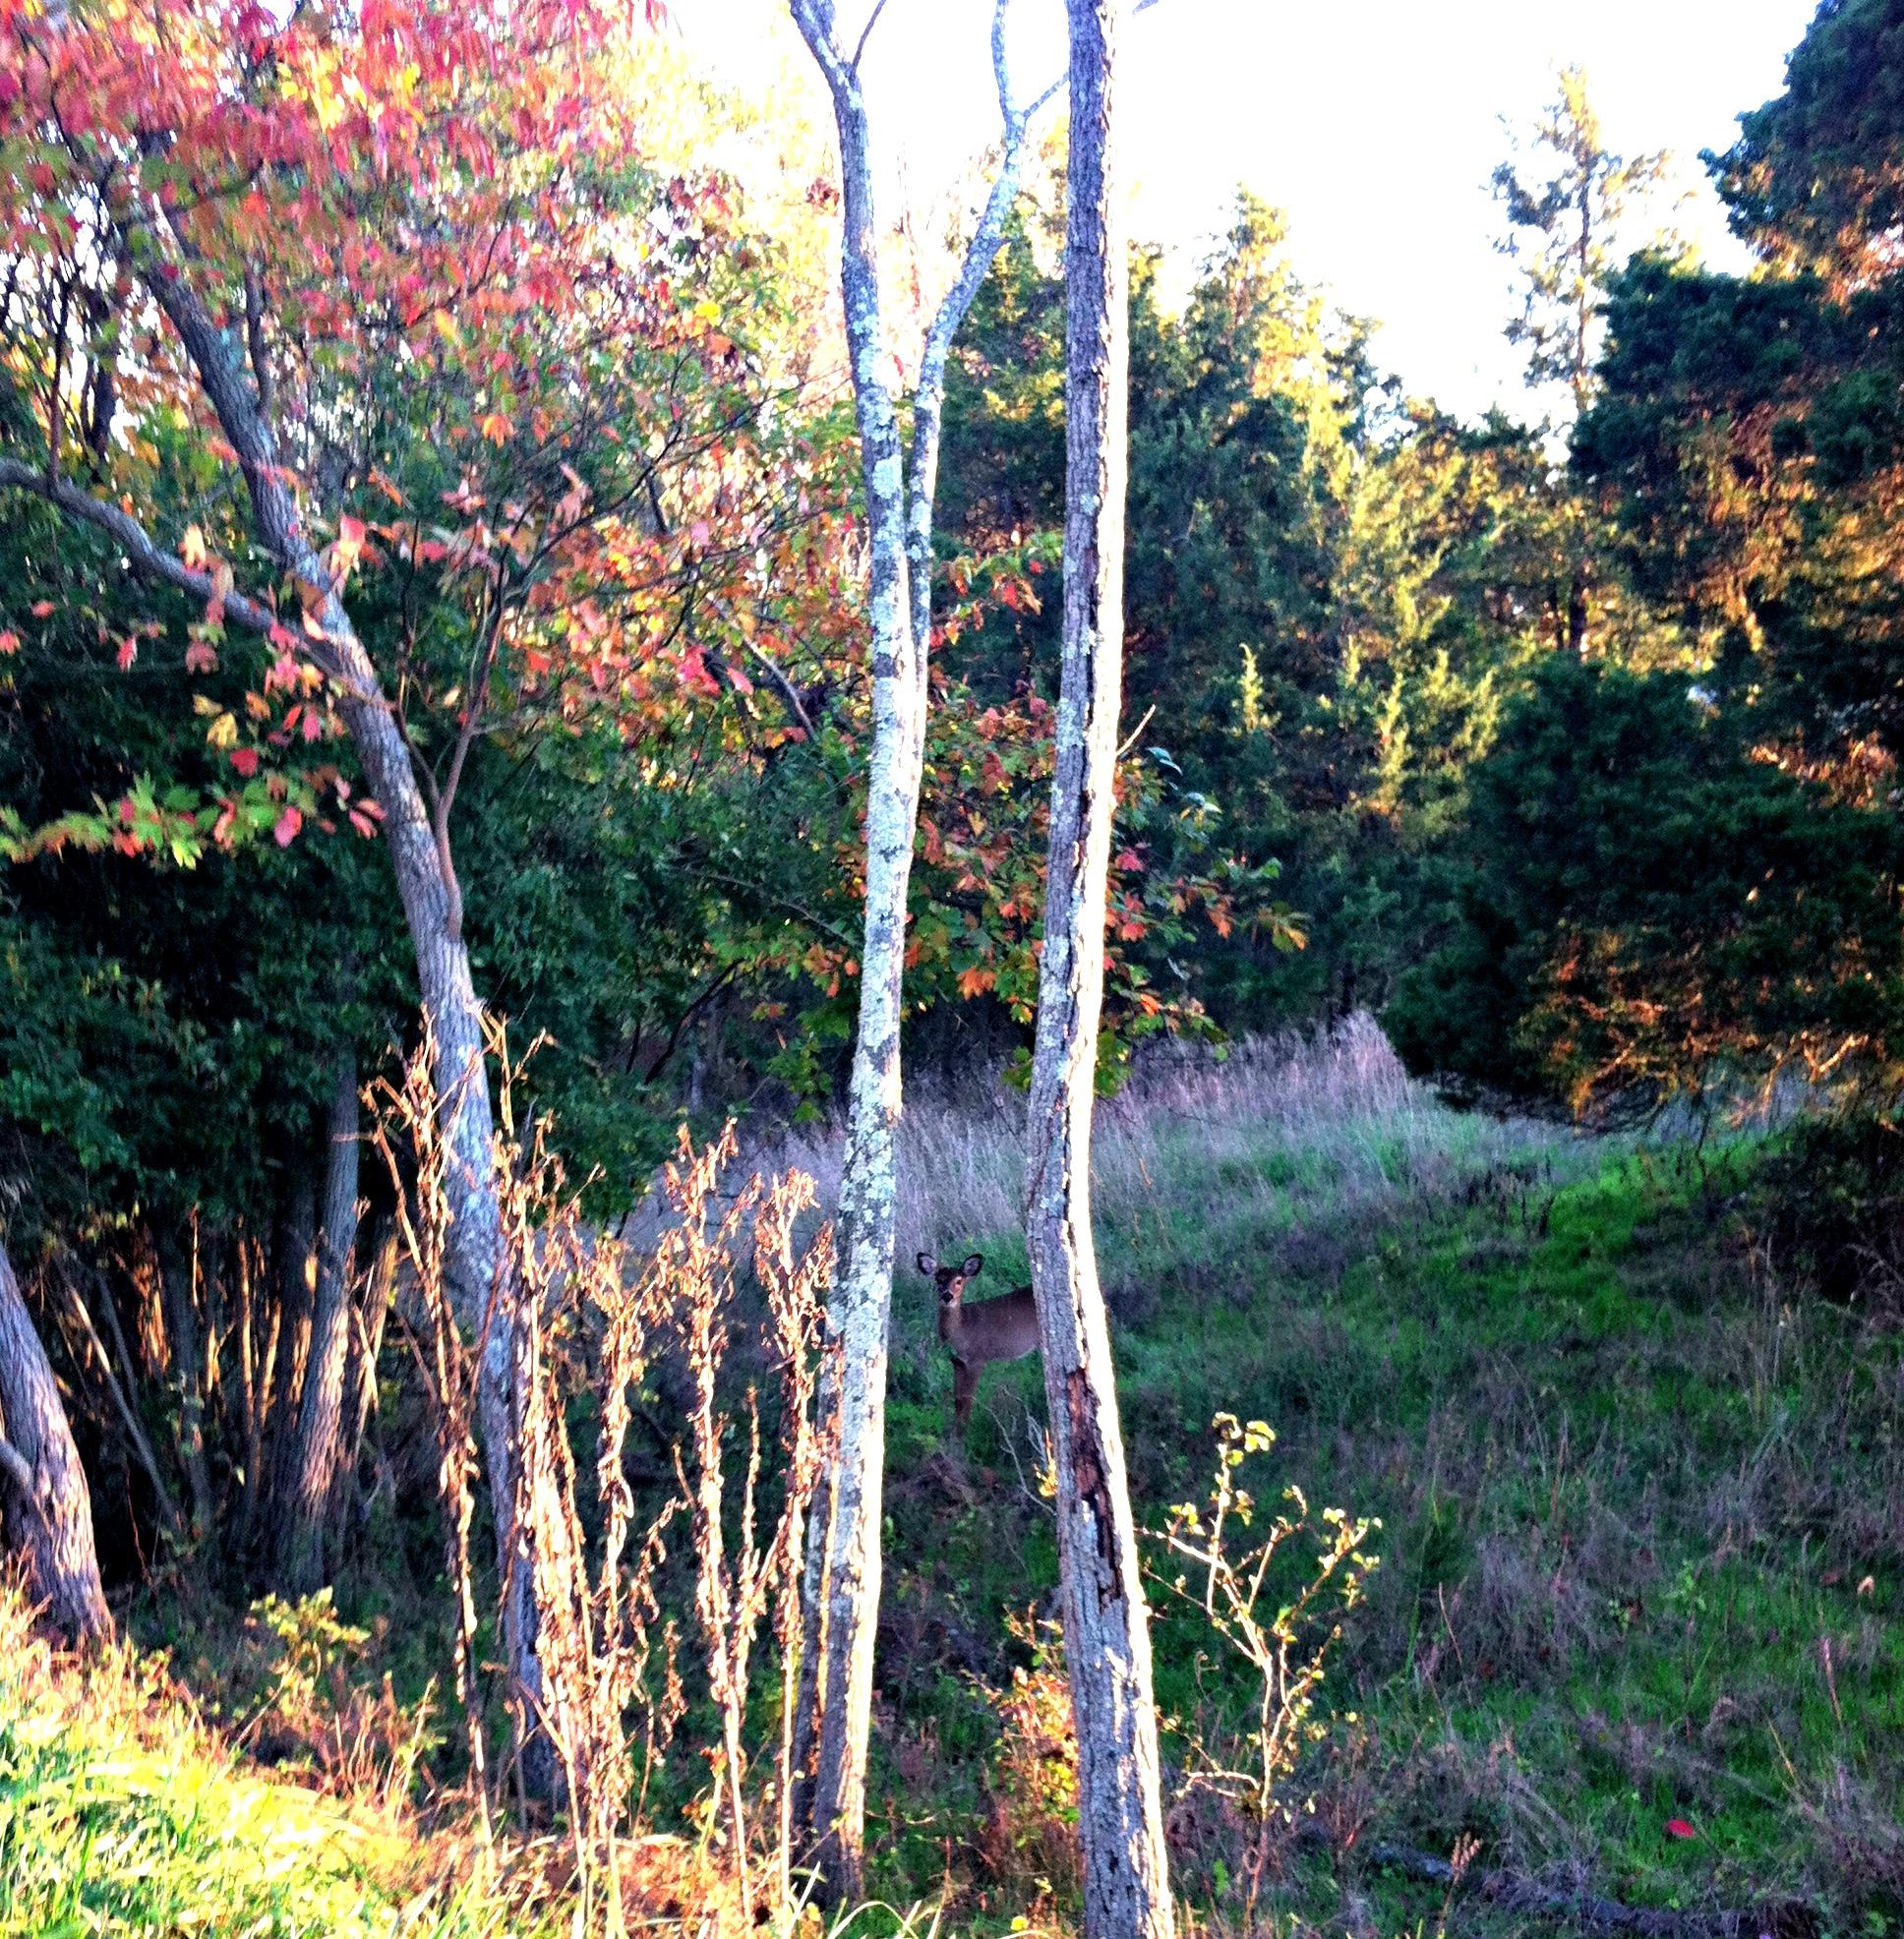 W&OD trail deer